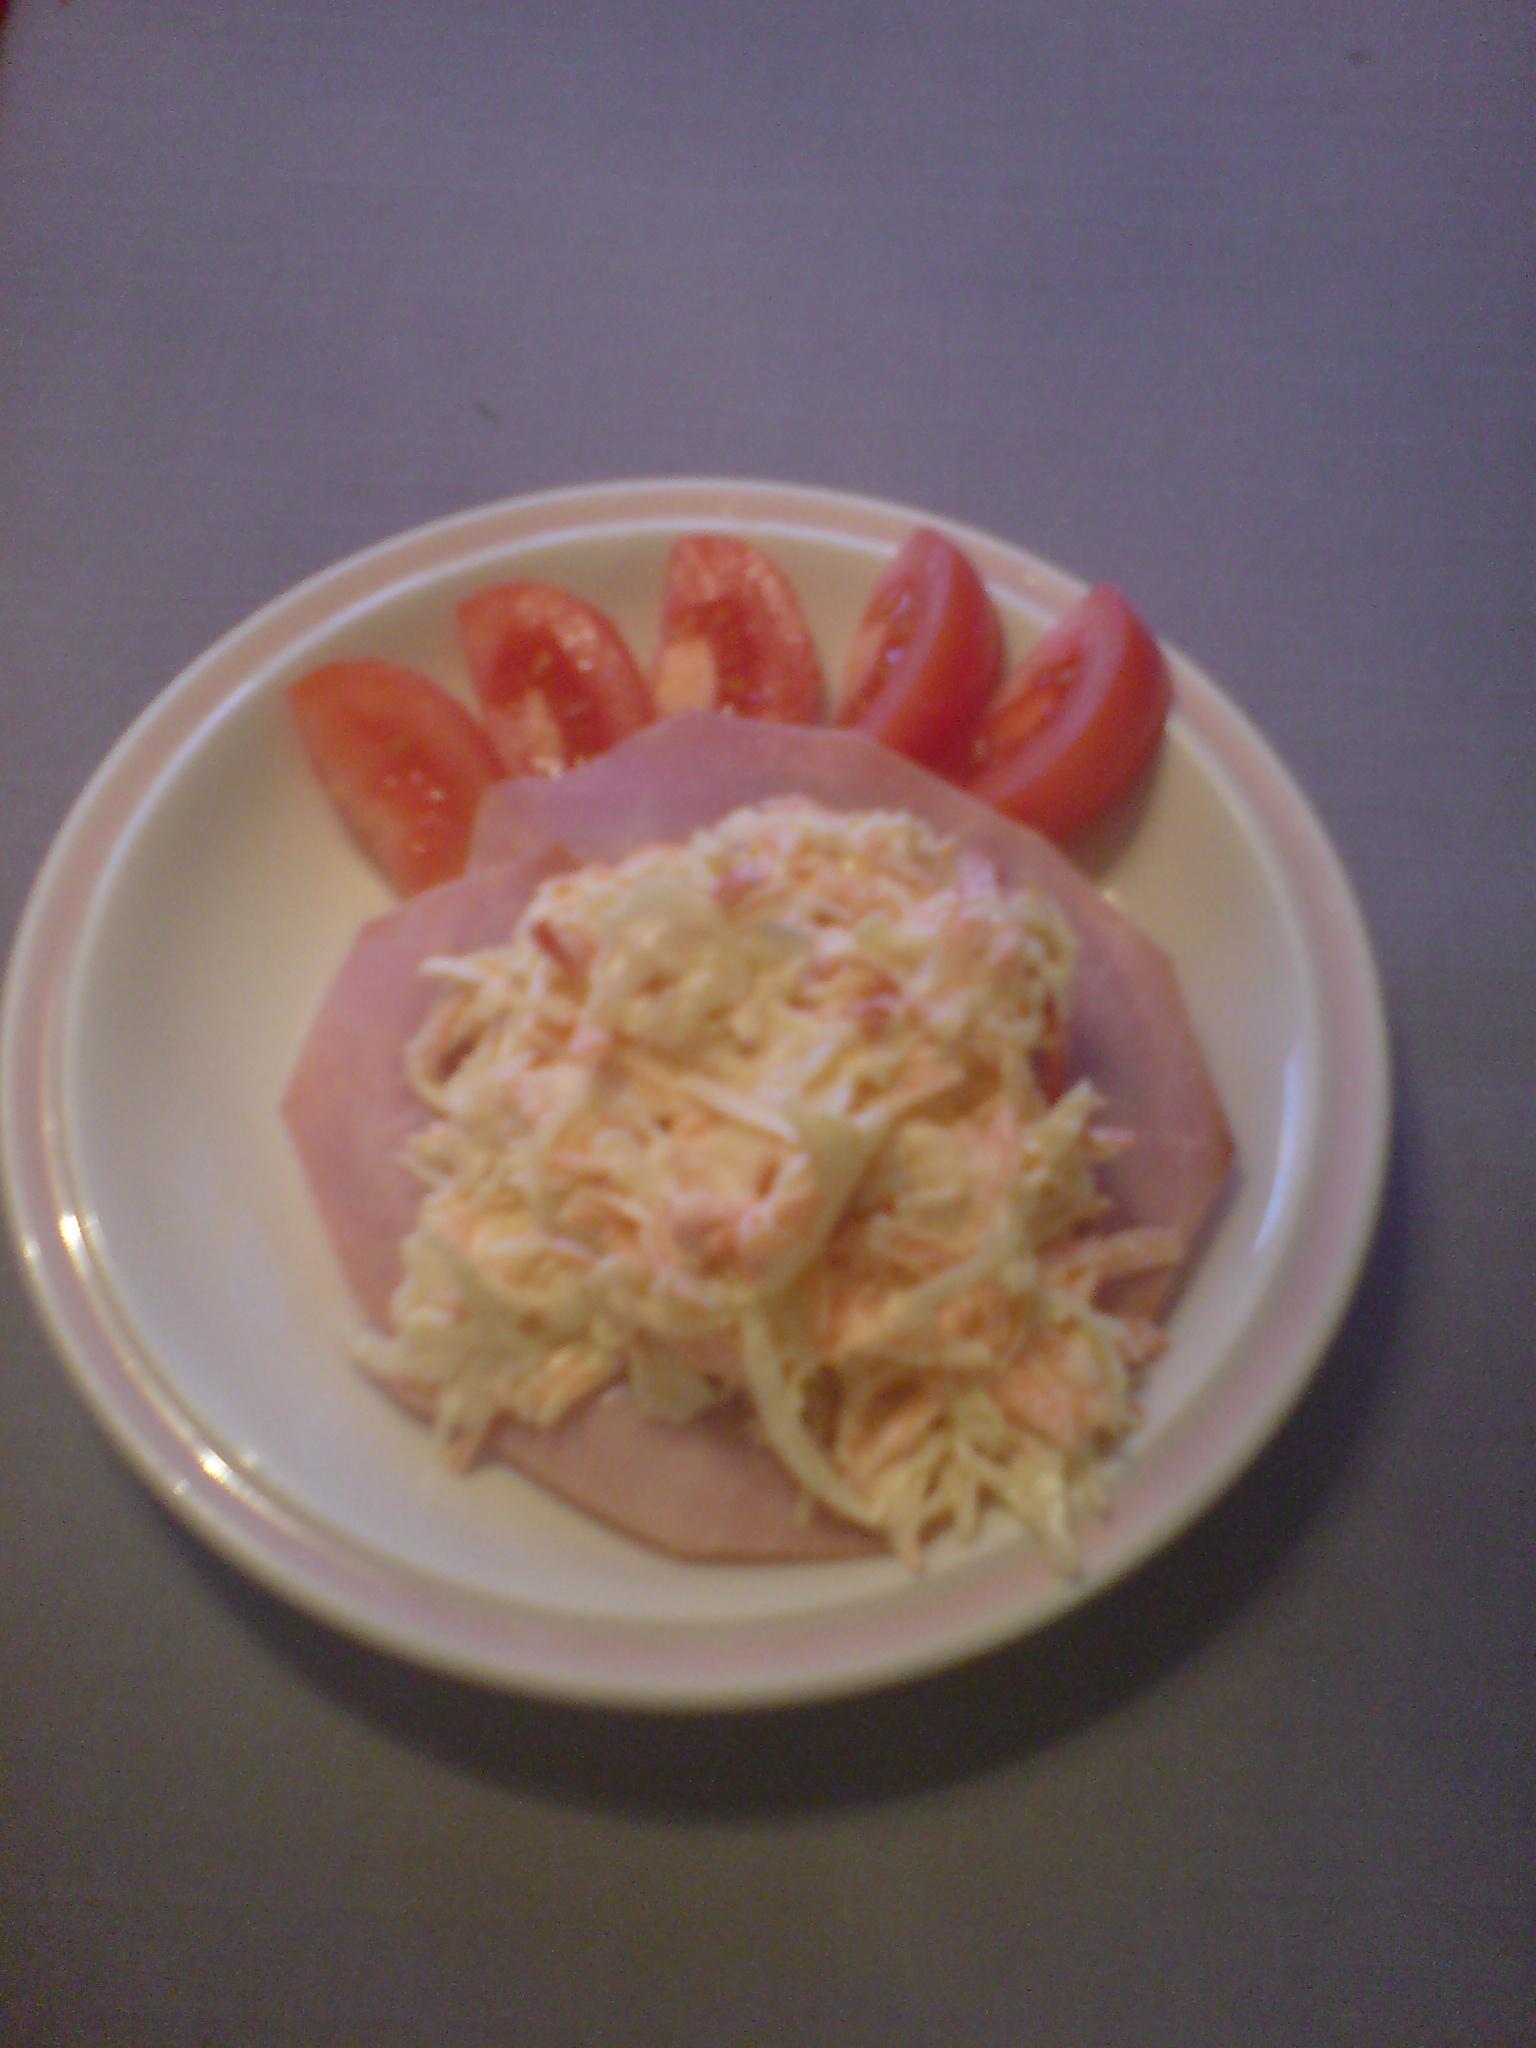 vitkålssallad med majonnäs